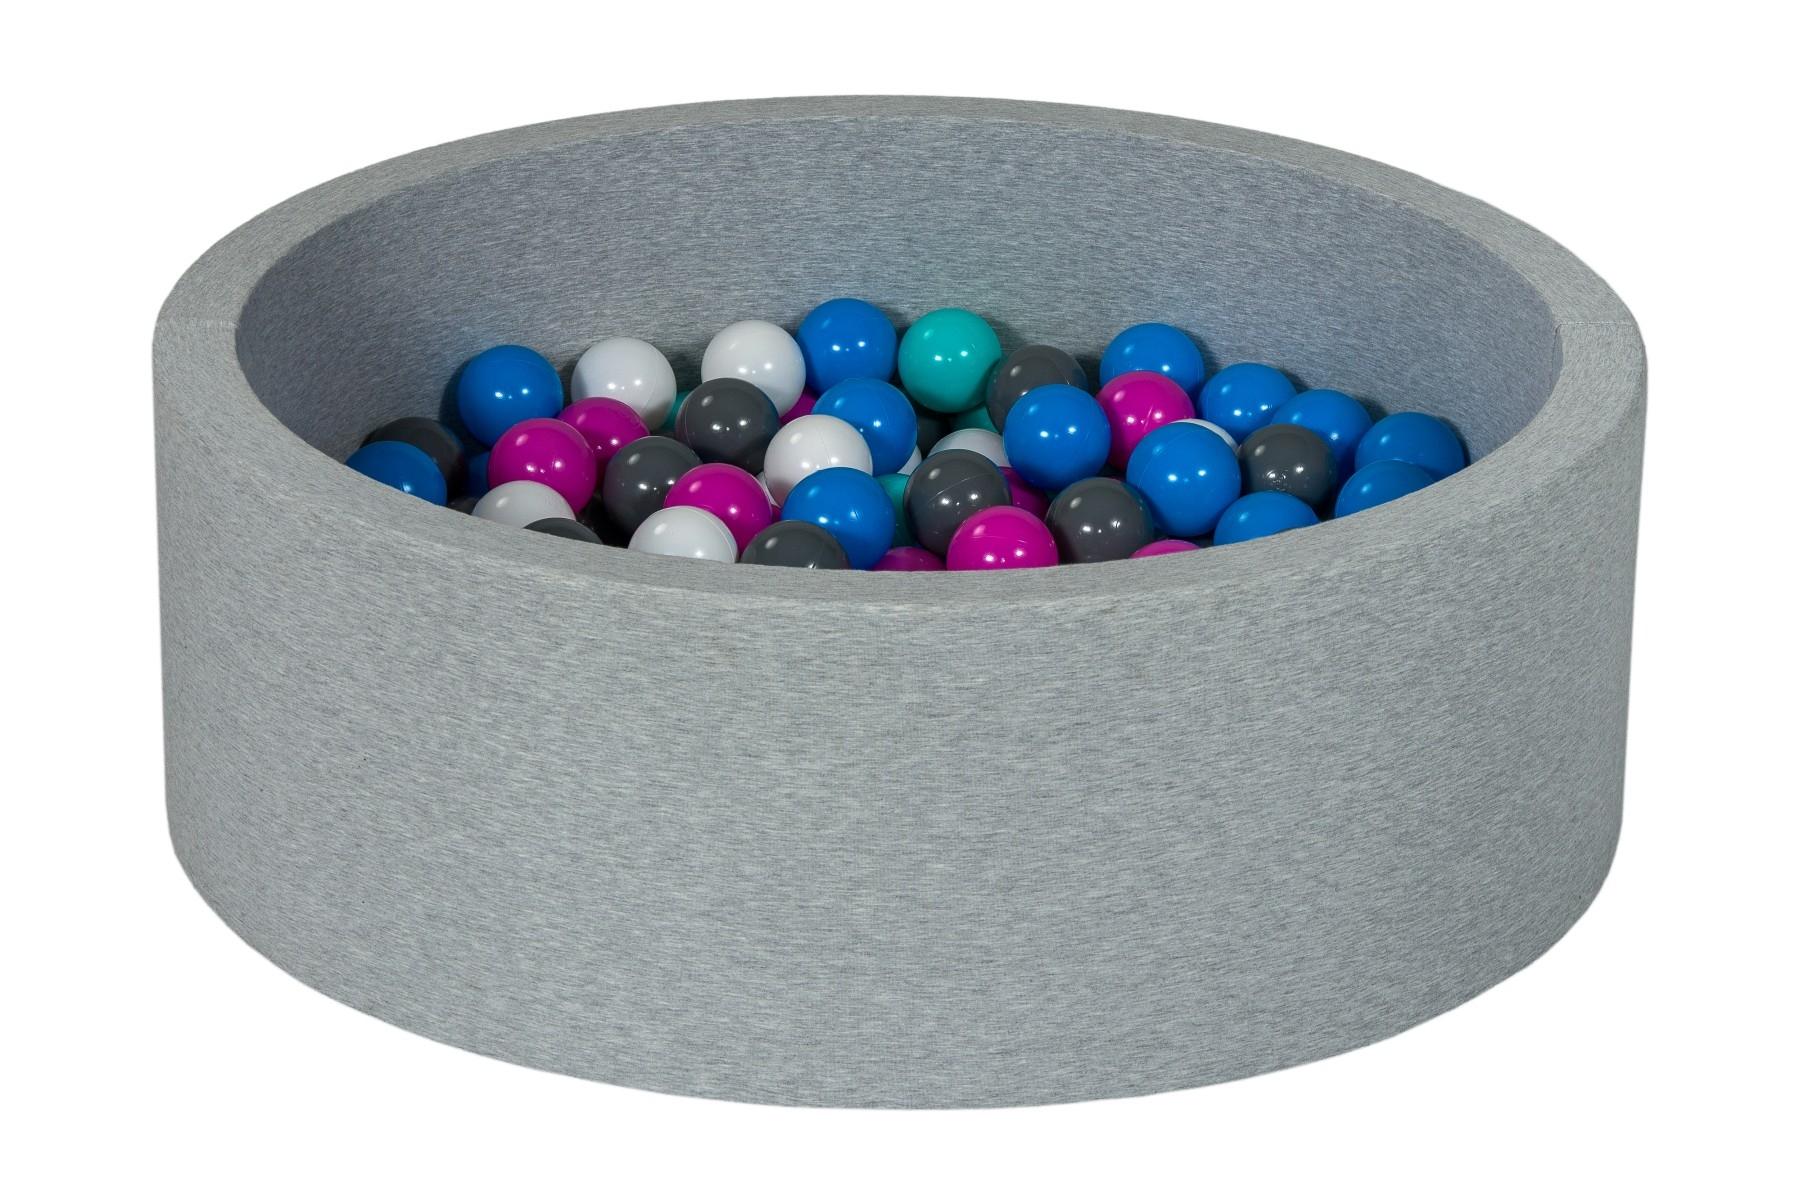 Piscine balles pour enfant aire de jeu 150 balles ebay for Piscine de balle pour bebe